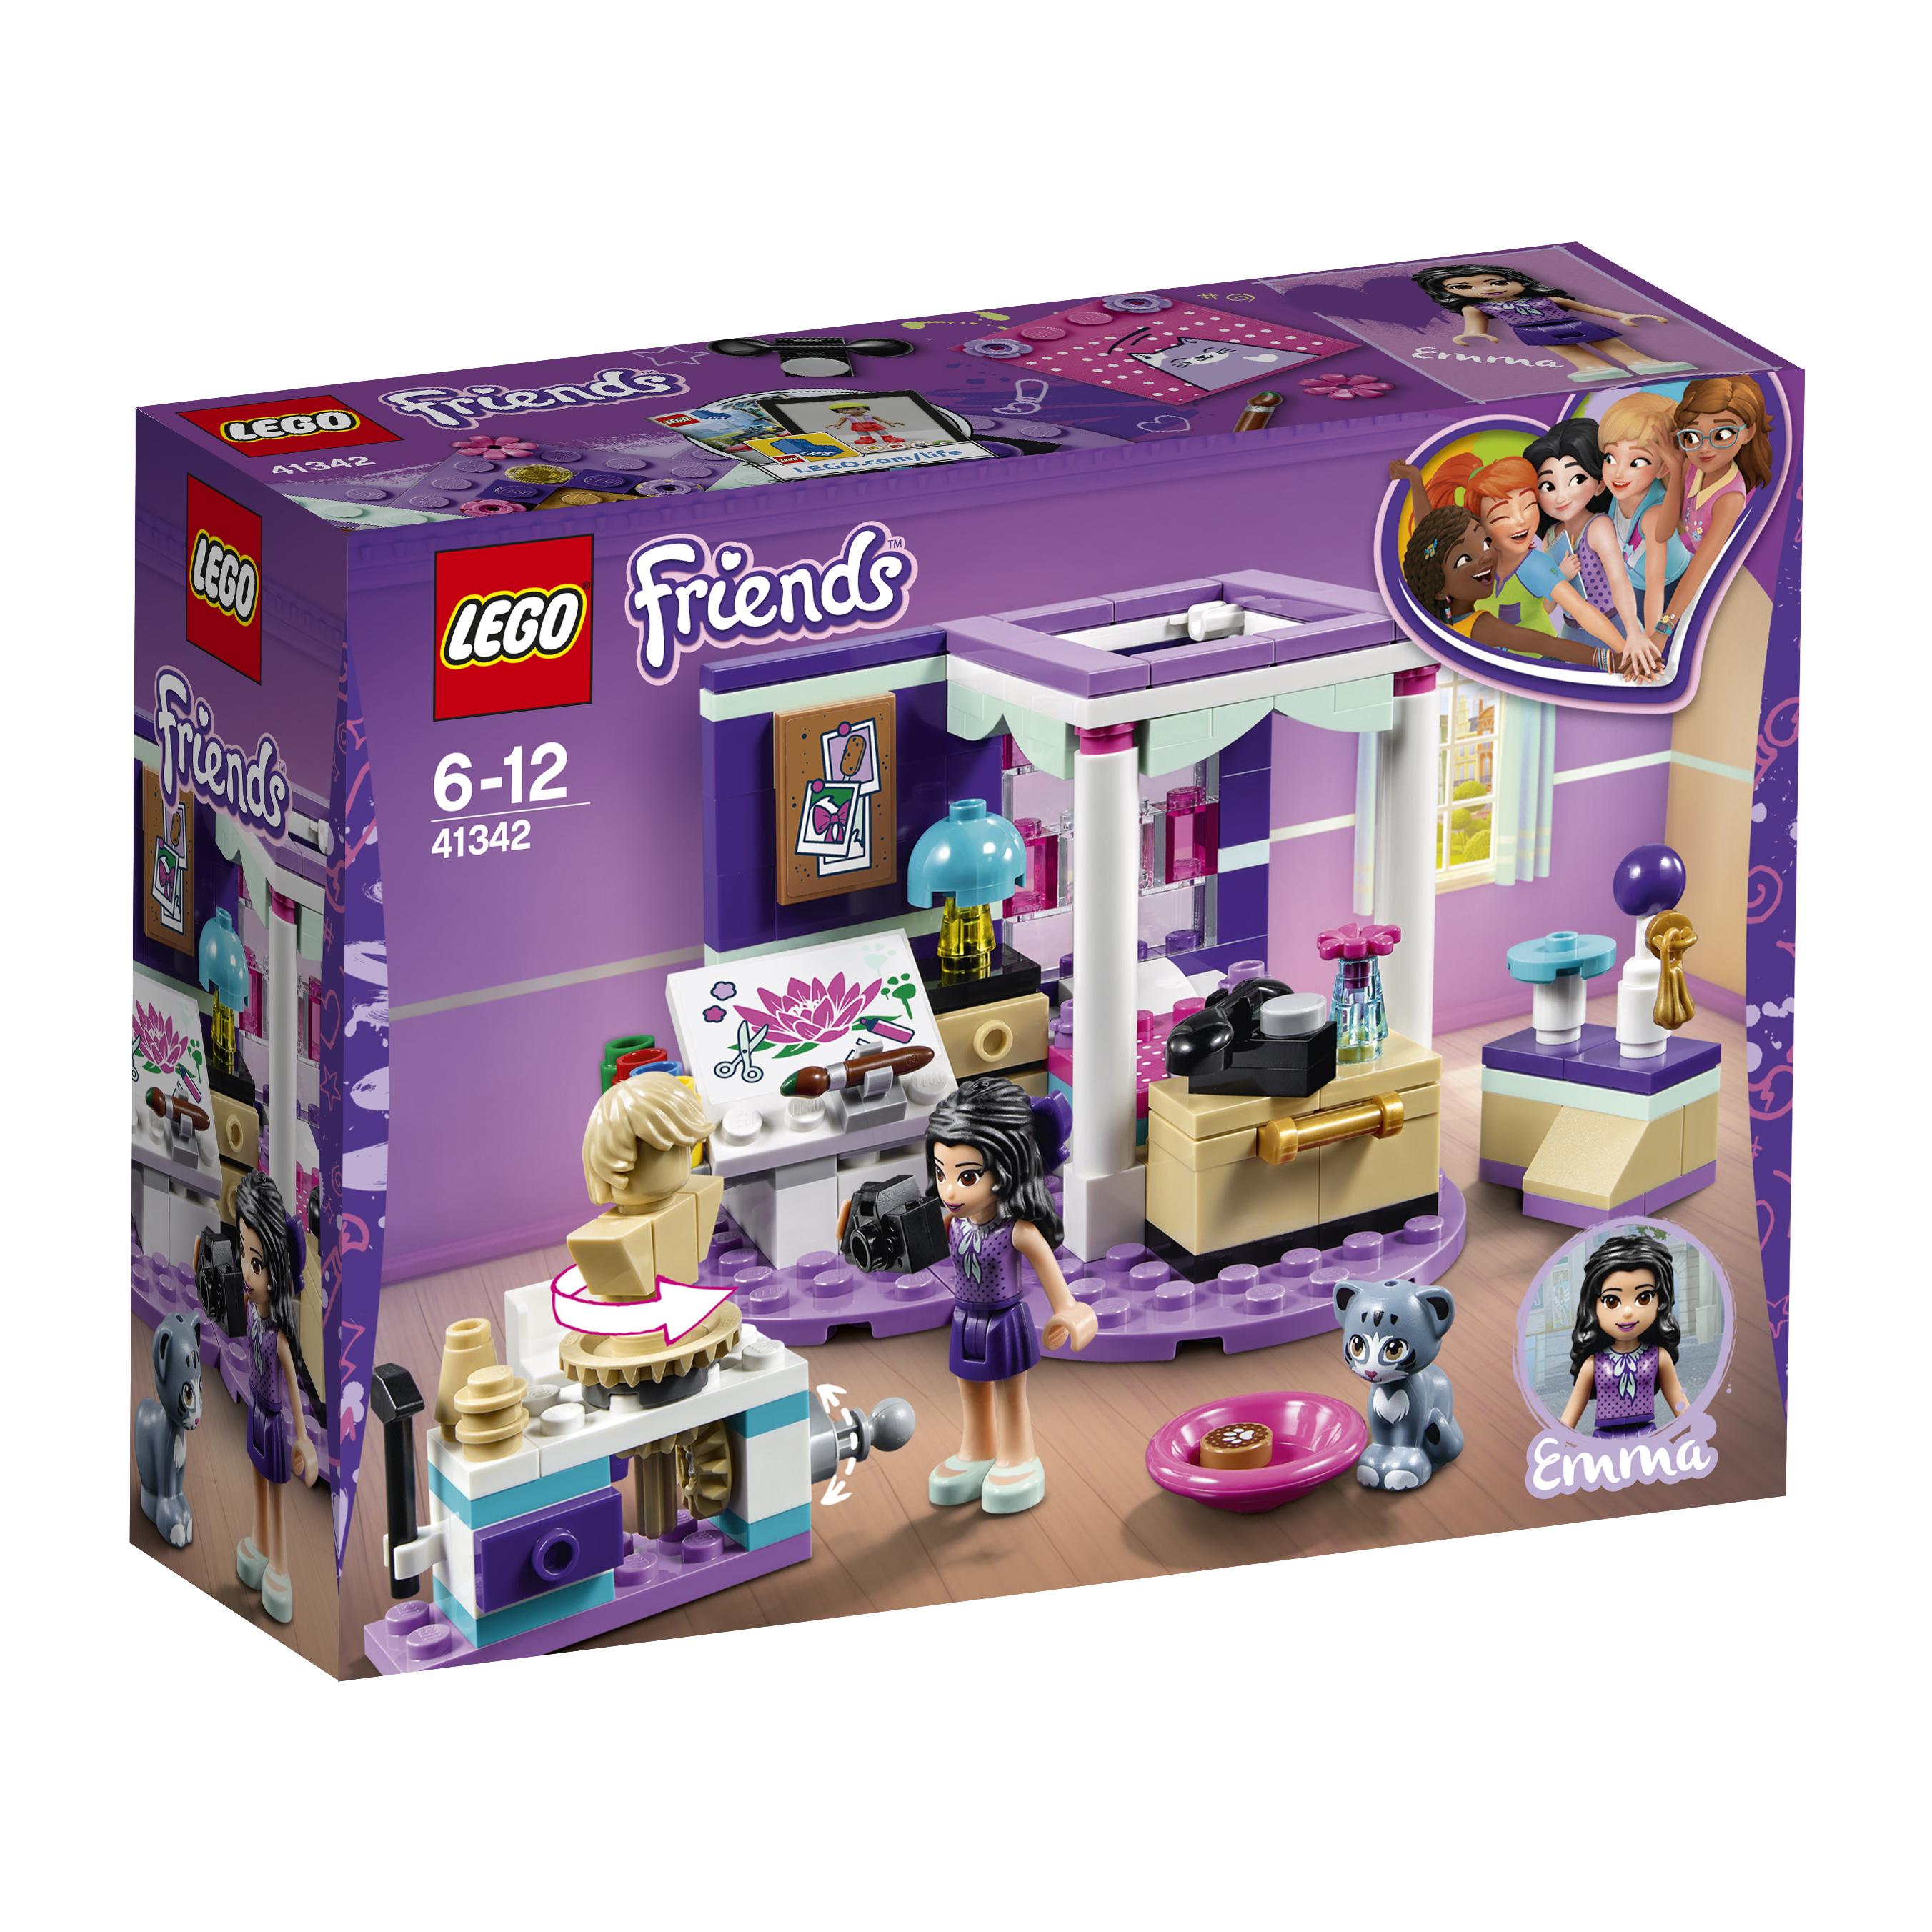 Конструктор LEGO Friends 41342 Комната Эммы цена